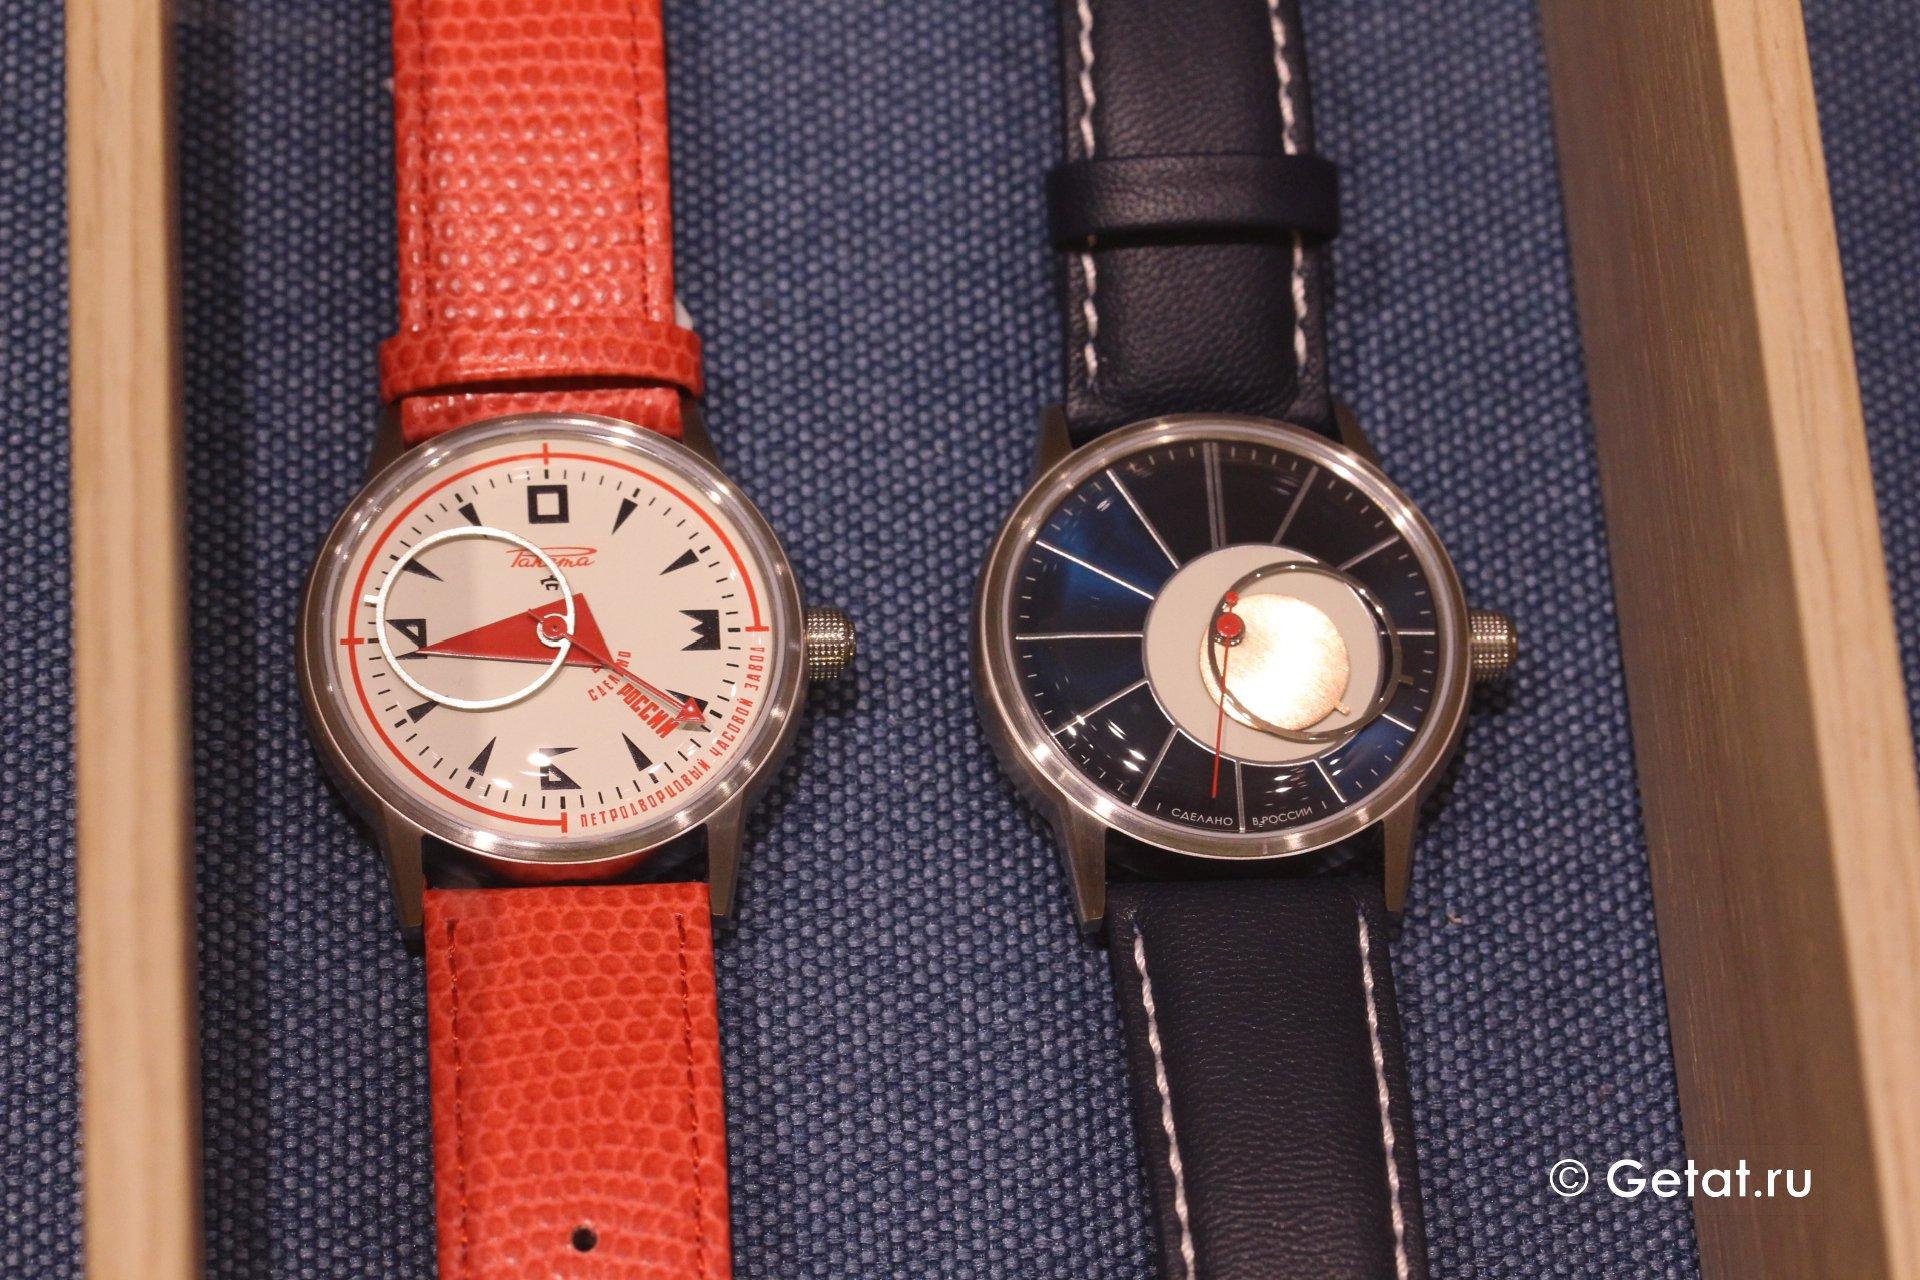 cc424548 ... Российские часы Ракета с мануфактурным механизмом - мини-обзор ...